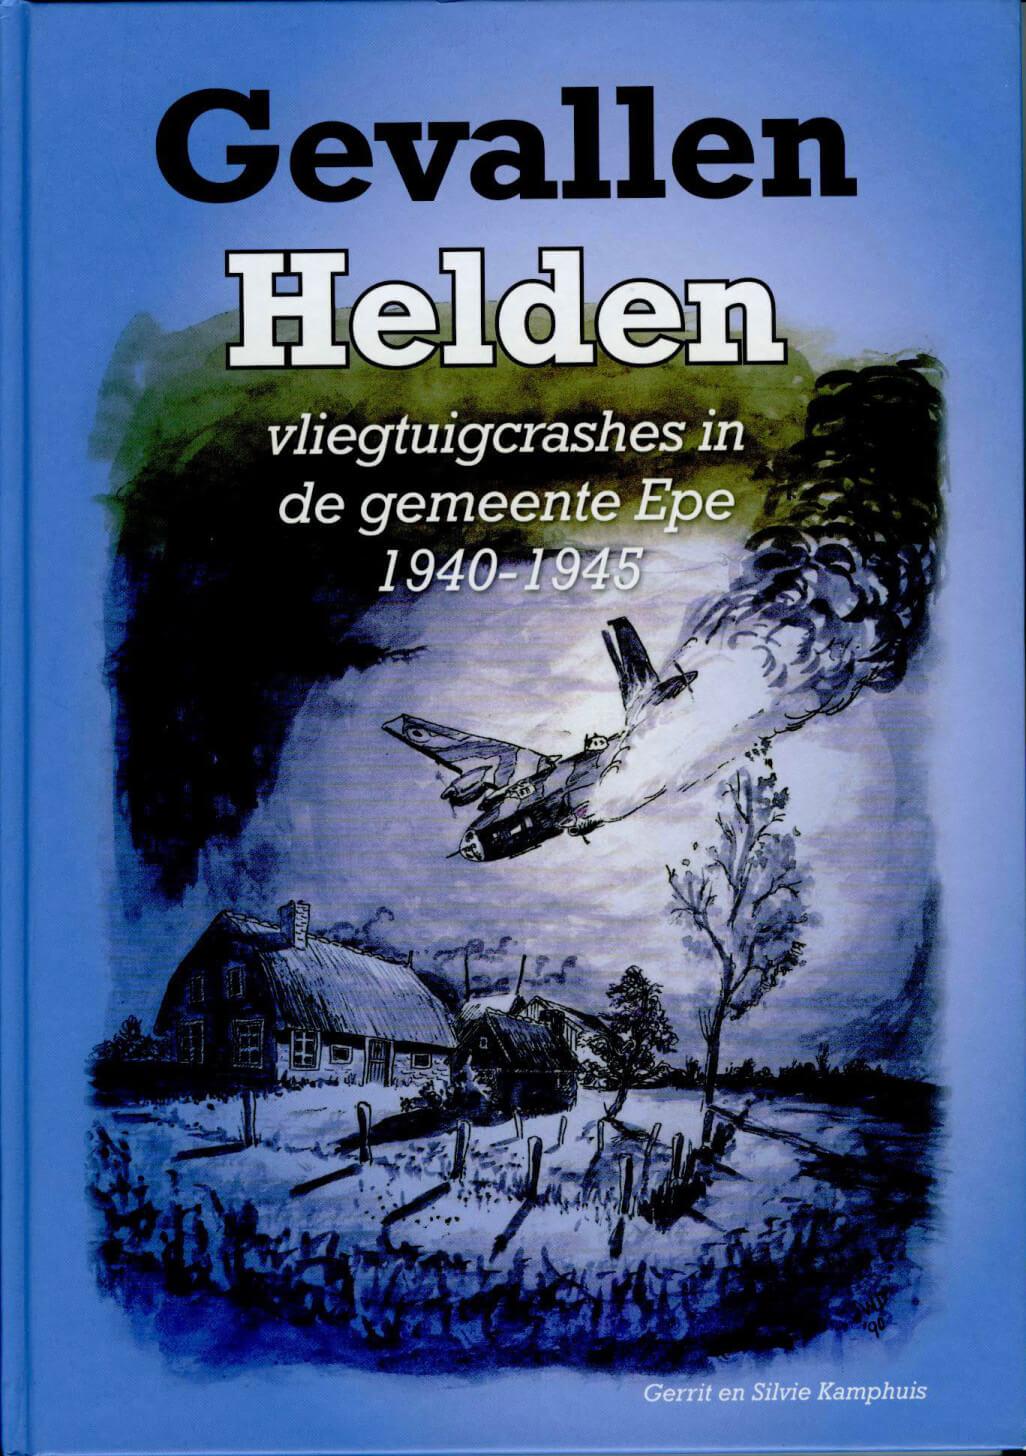 Boek Gevallen Helden getuigenverslag